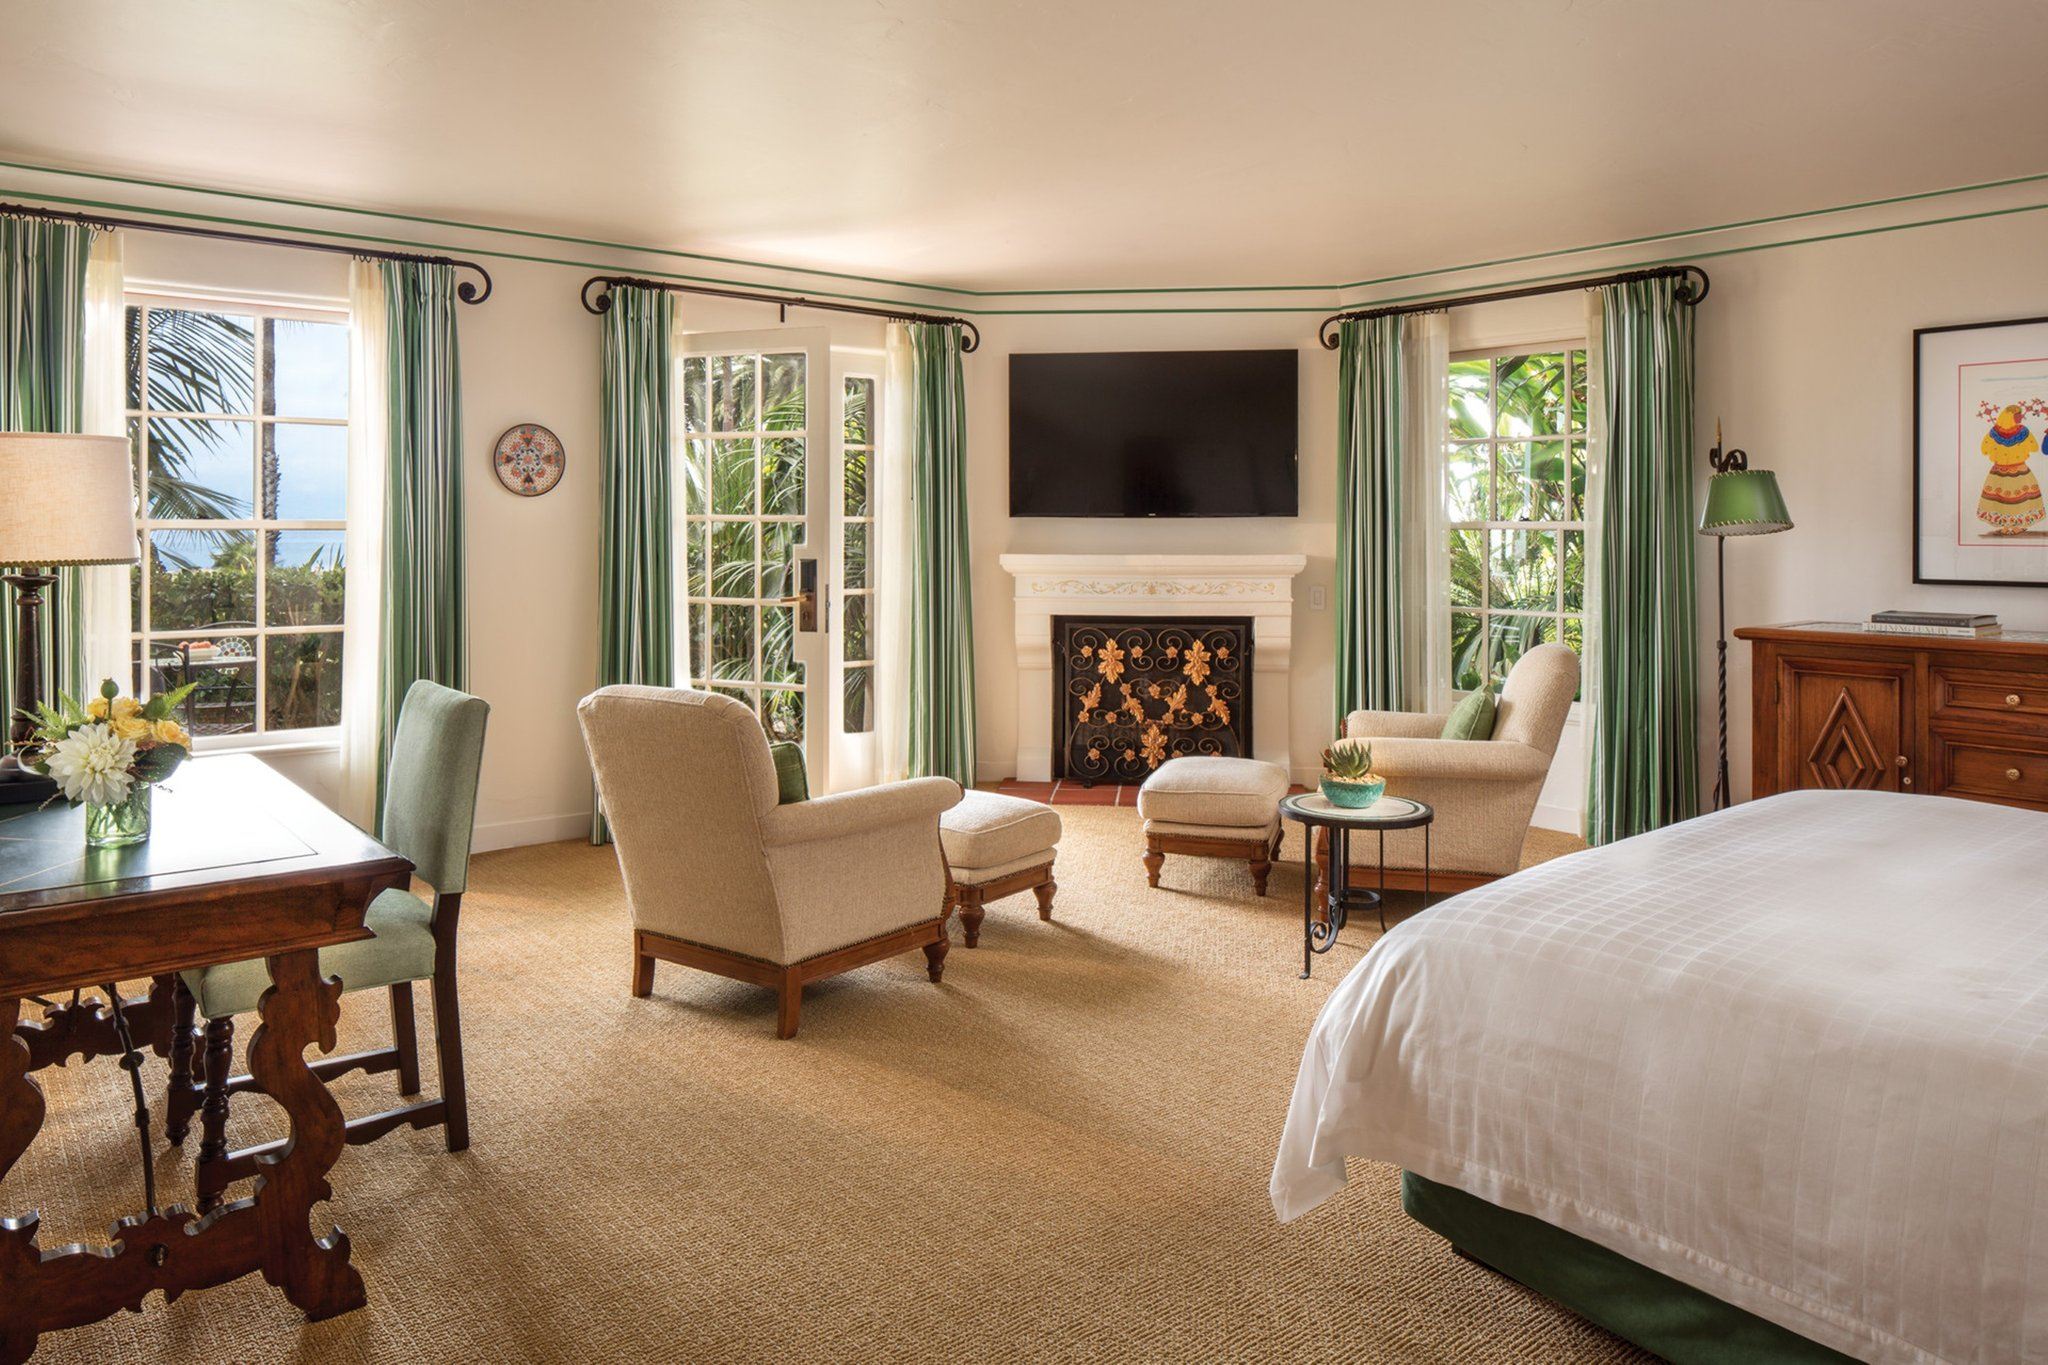 Four Seasons Resort, The Biltmore